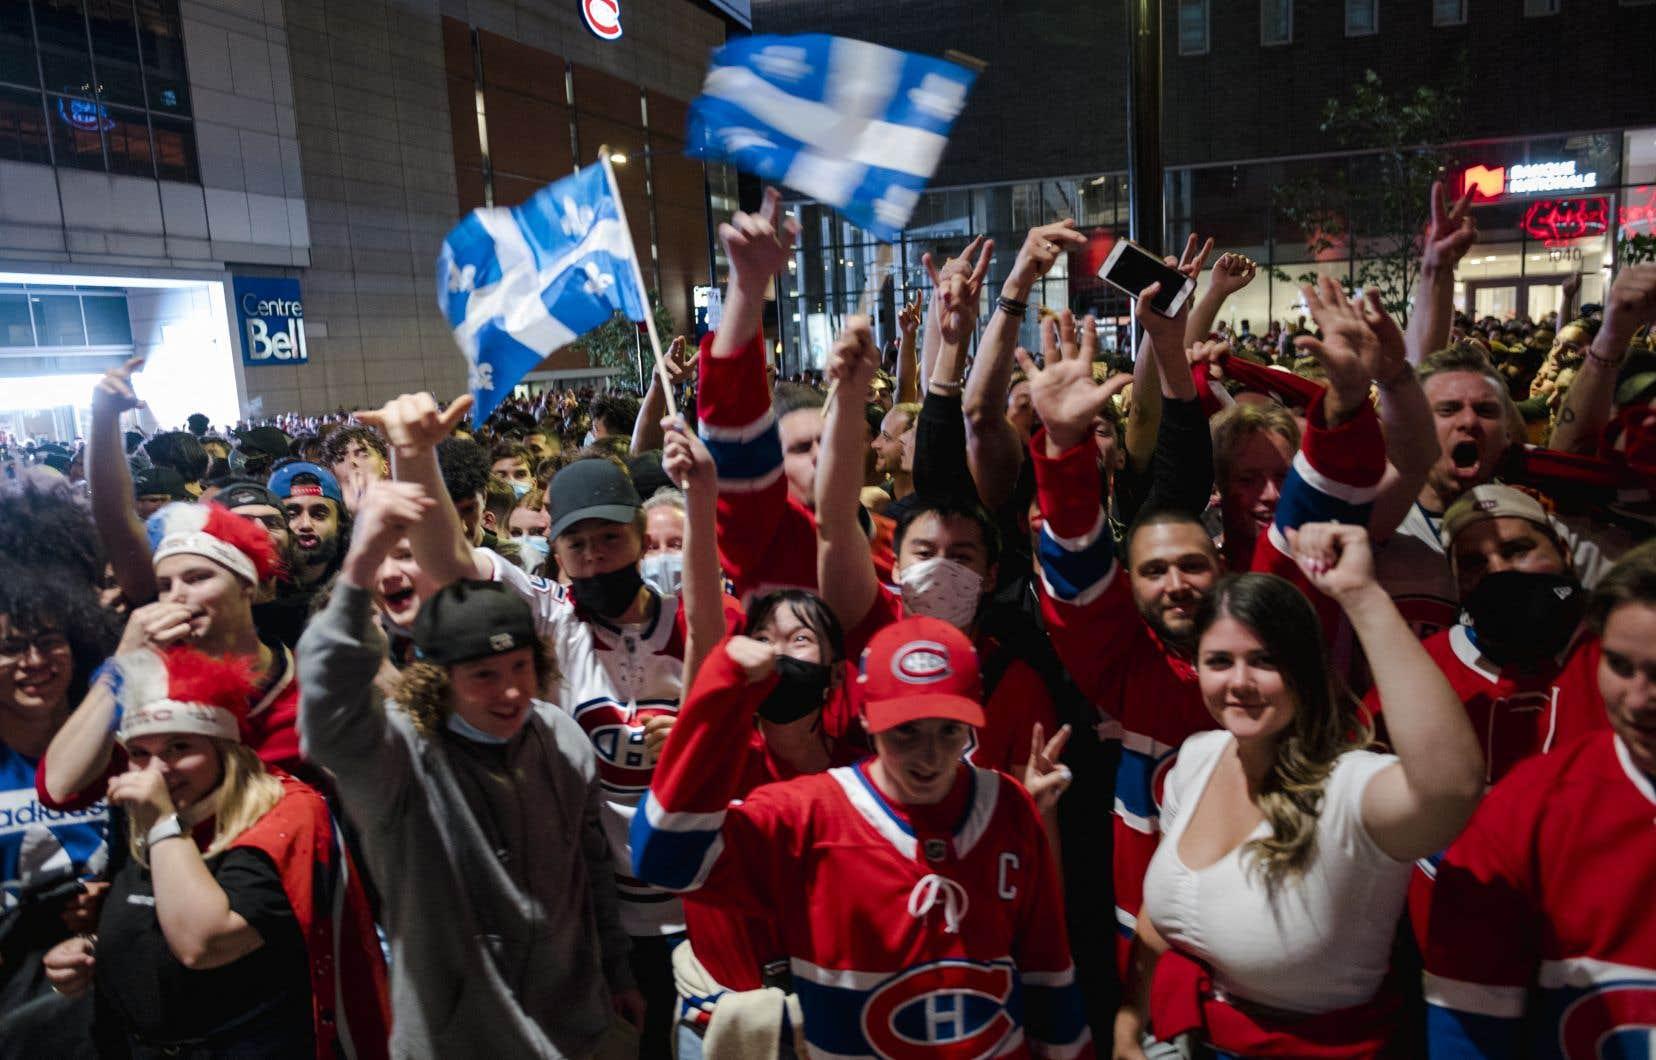 «Le Canadien en finale, c'est peut-être des dizaines, des centaines de mini-Price et d'aspirants Caufield qui vont aller jouer dans la ruelle cet été ou à la patinoire du coin cet hiver», écrit l'auteur.